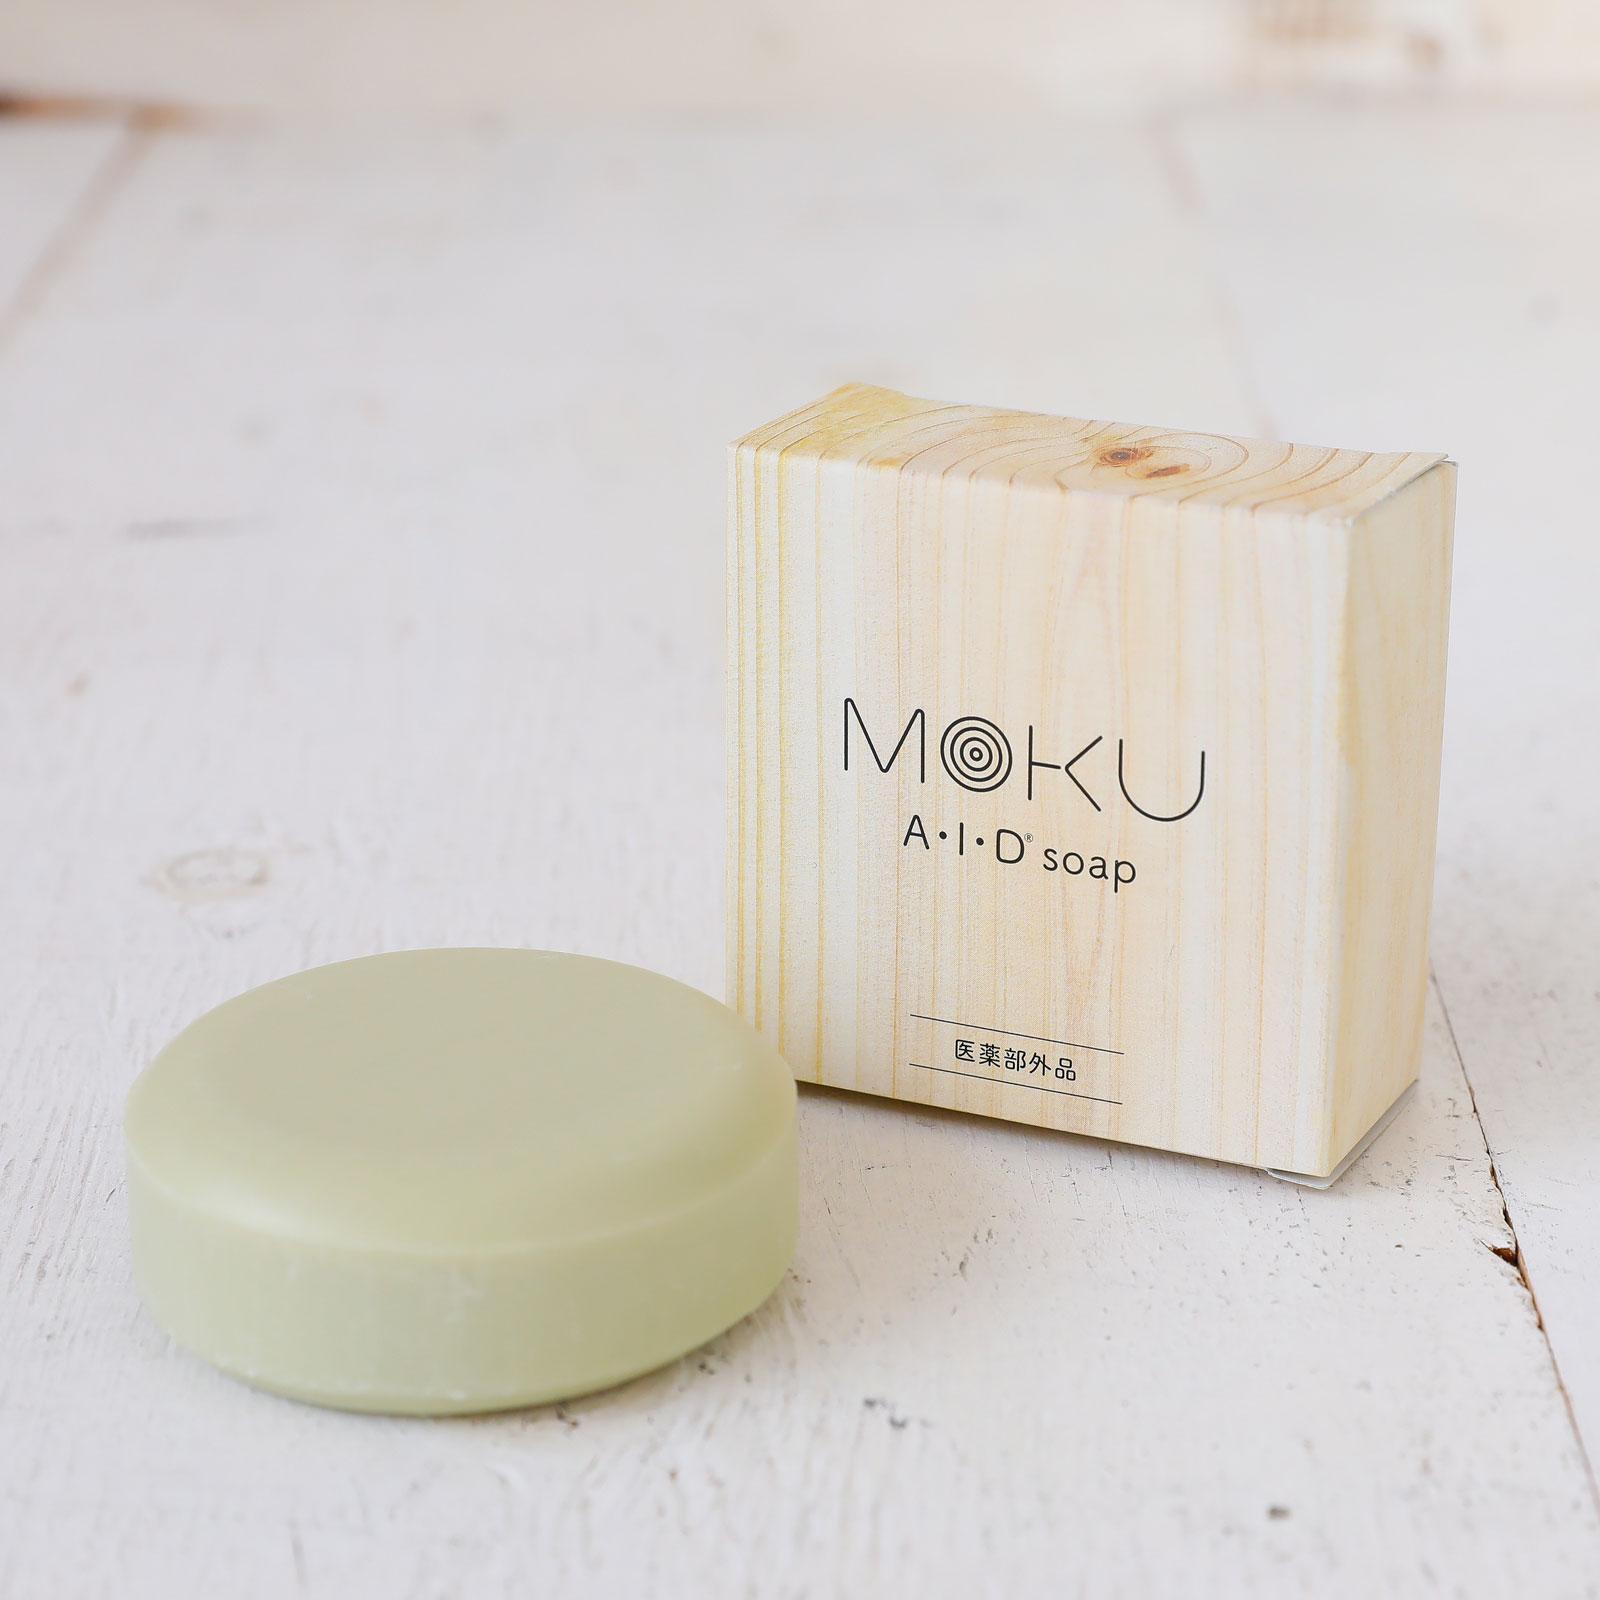 顔ダニ・ニキビダニ対策石鹸 医薬部外品 MOKU AIDソープ